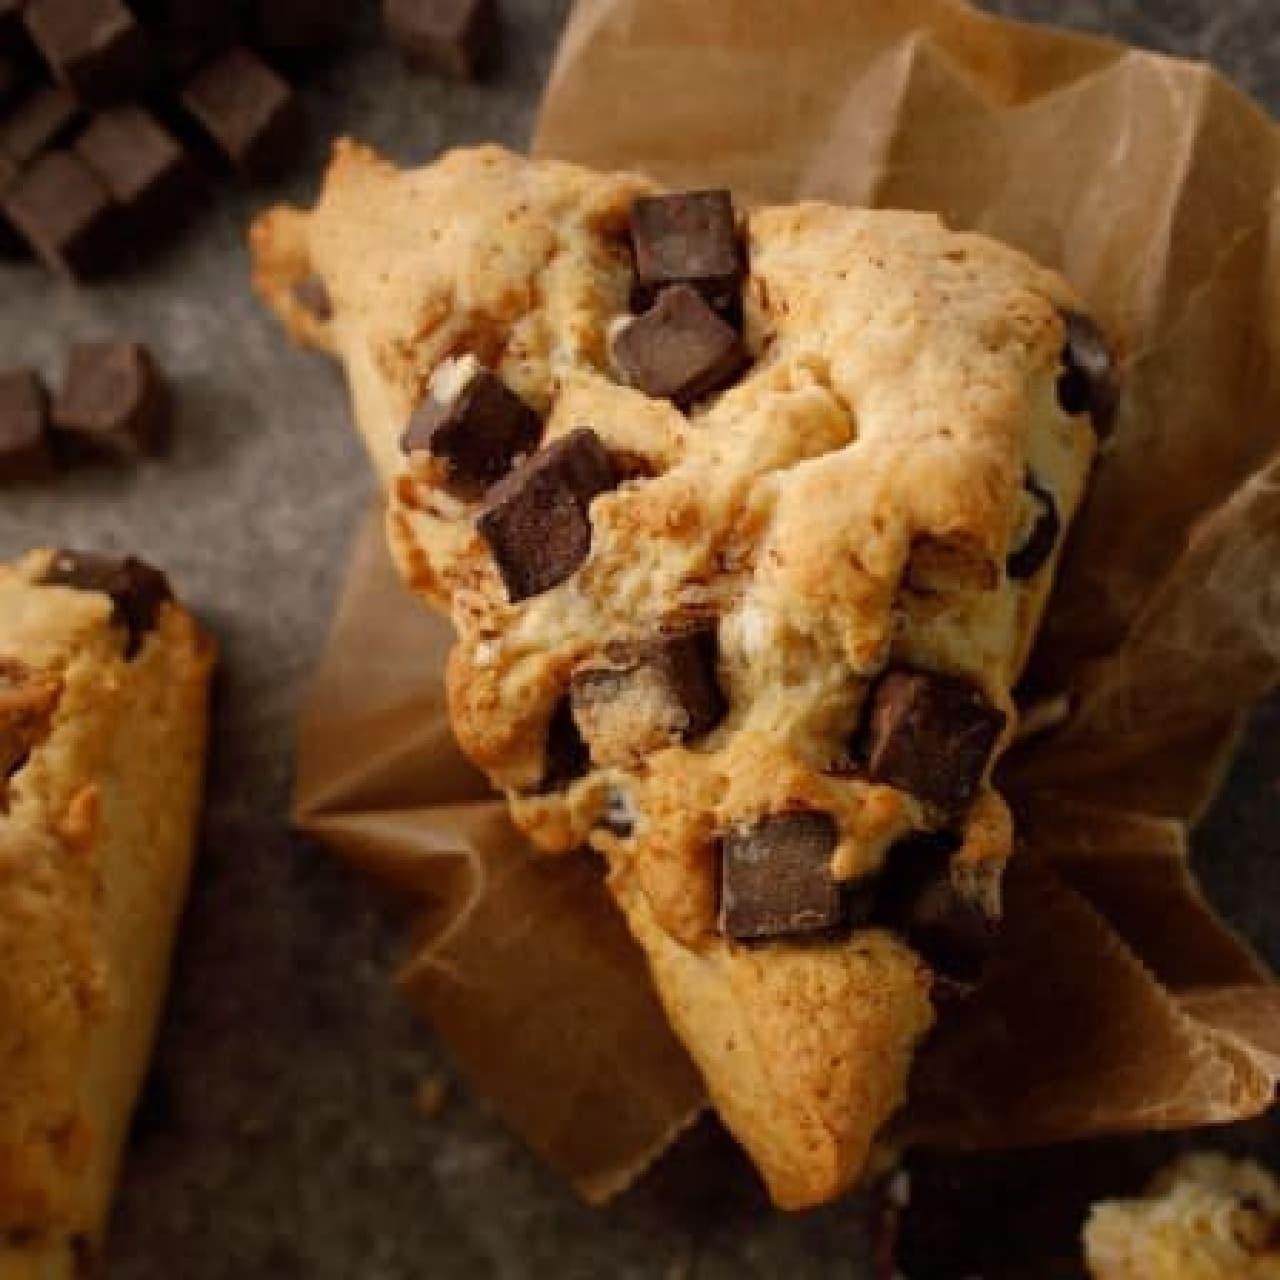 スターバックス「アメリカンスコーン チョコレートチャンク」